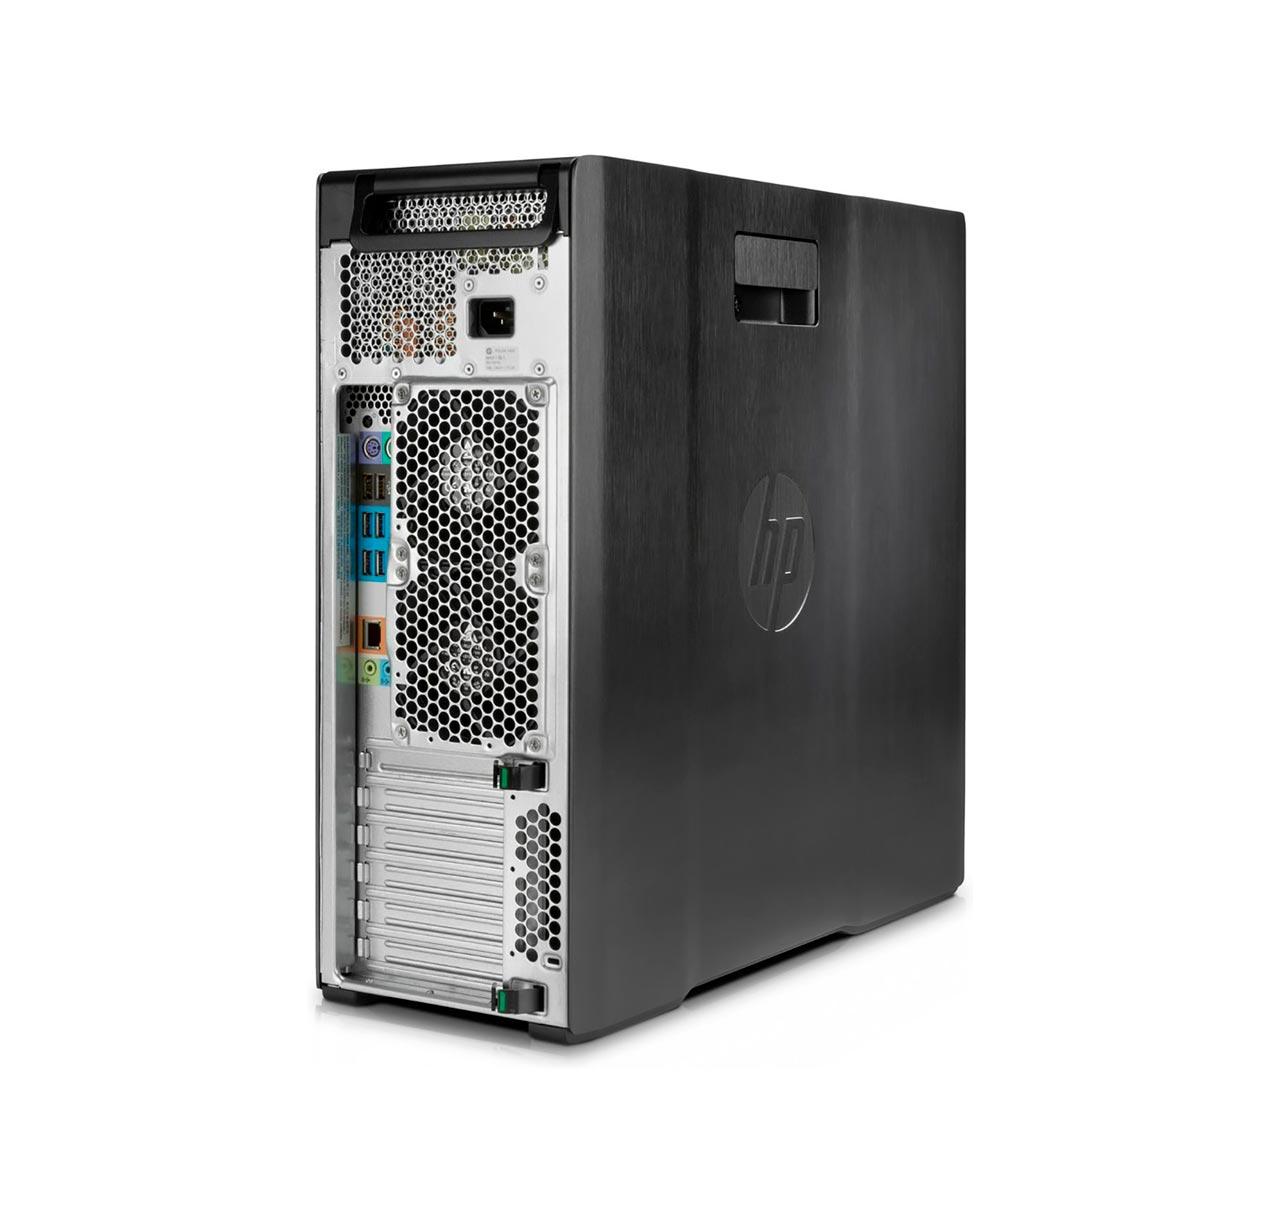 کامپیوتر Z640 Workstation برای اجرای نرم افزار های سنگین با گرافیک 4GB K4200 و پردازنده XEON با رم 32GB BUS 2400 و هارد 3TB HDD و 240GB SSDPC-Desktop-HP-z640-workstation-Xeon-E5-2690-V3-ram-32gb-DDR4-hard-3TB-HDD-240GB-SSD-nvidia-Qudro-K4200